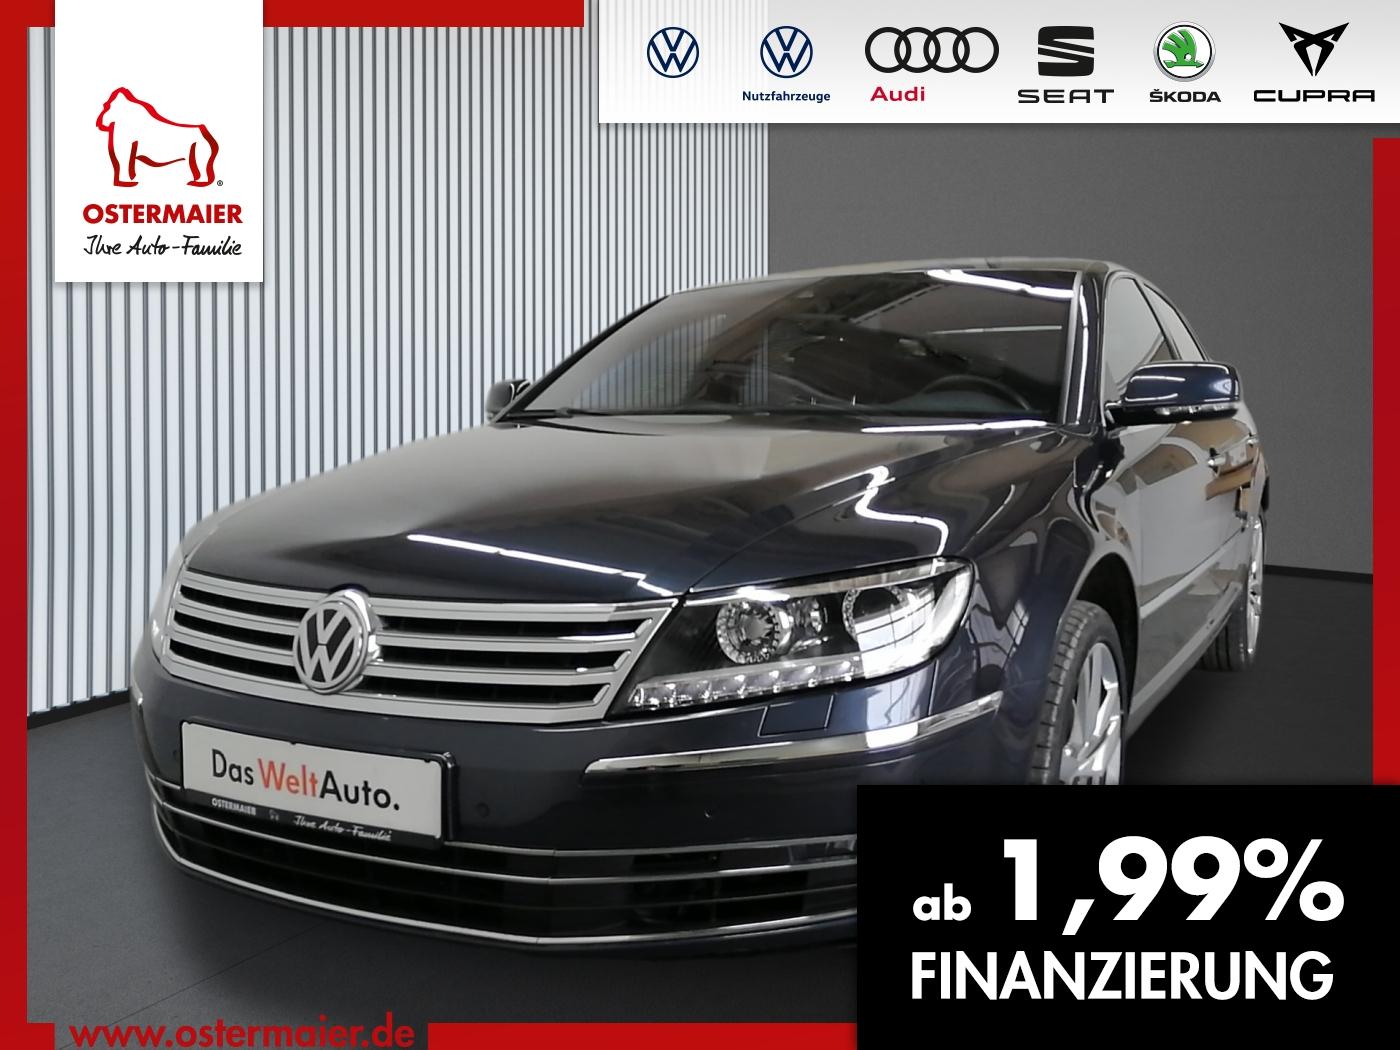 Volkswagen Phaeton LANG 4.2l 334PS DSG NP.135t..ACC.STHZG.P, Jahr 2015, Benzin